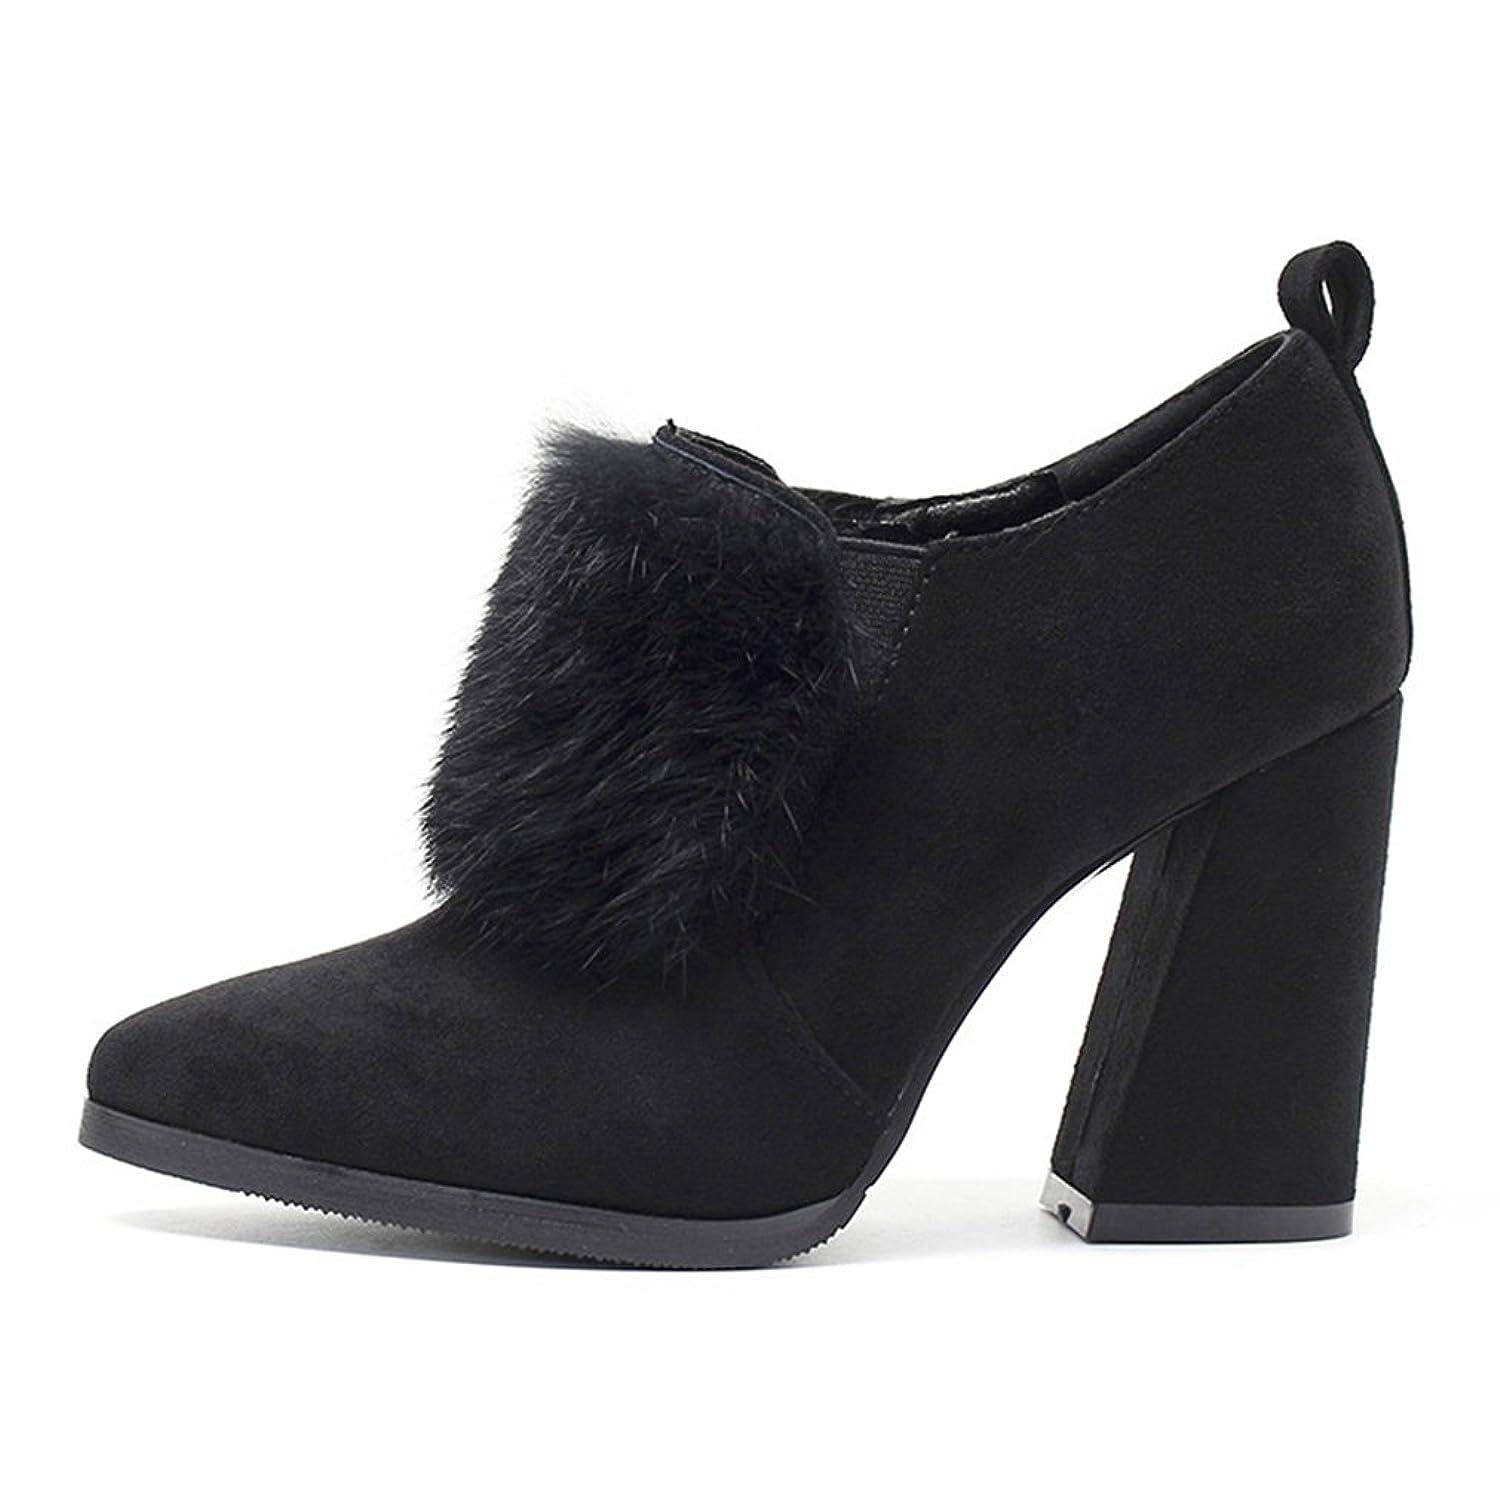 Damen Stiefel Blockabsatz Künstliches Haar Gummilitze Spitze Zehen Abriebfest Gemütlich Elegant Herbst Winter High-Heel Schuhe Schwarz 39 EU -